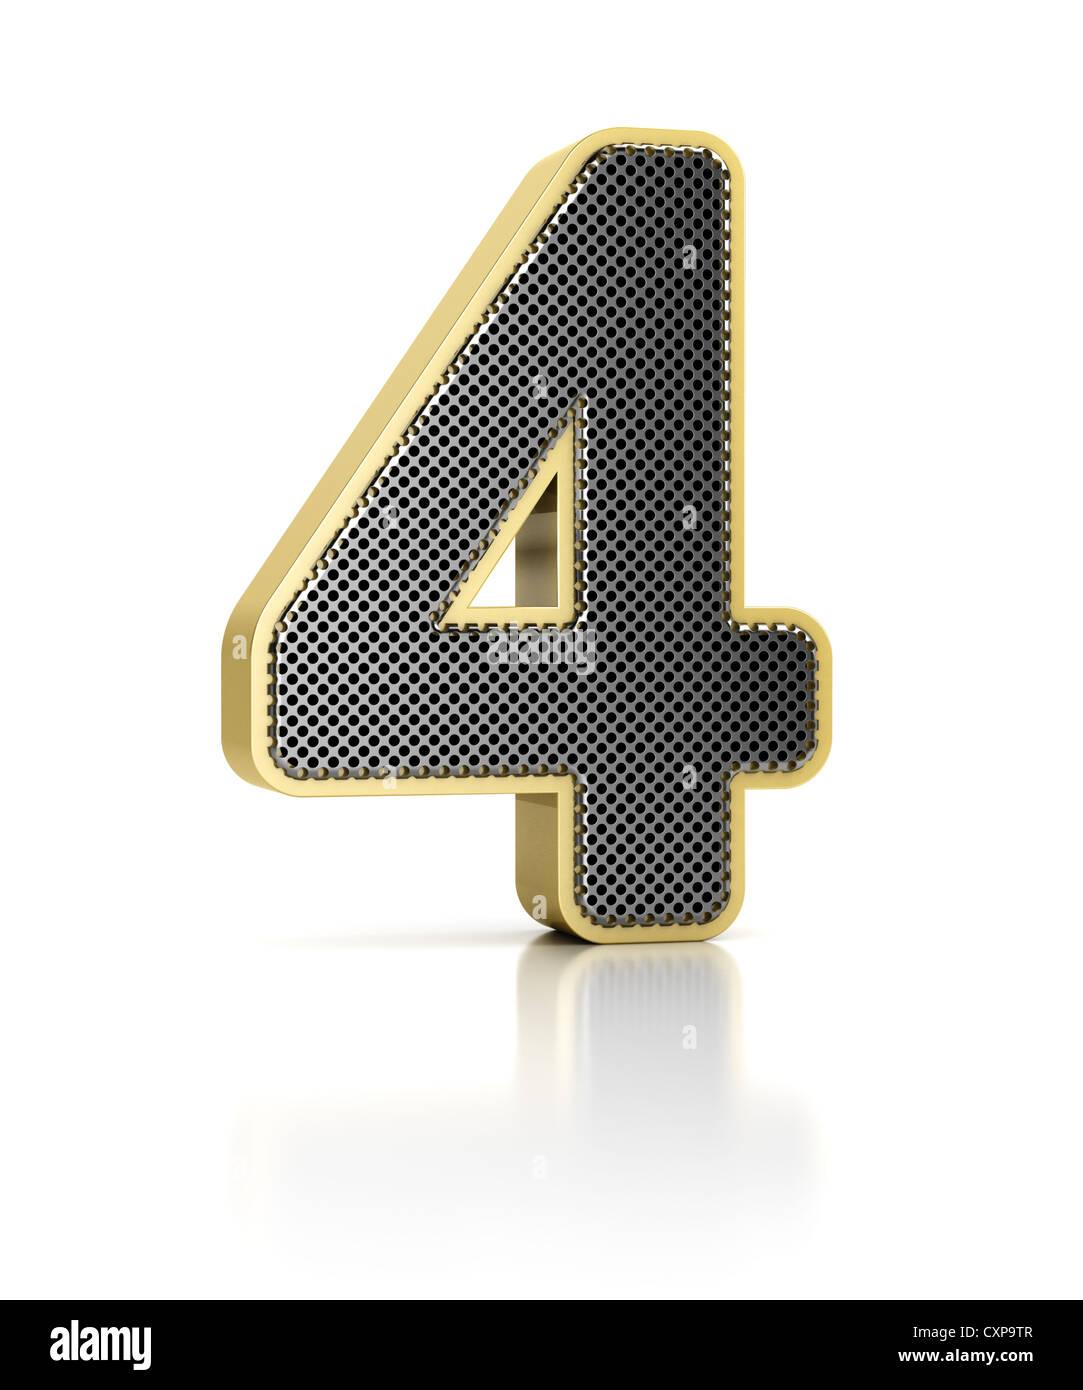 Il numero quattro come un oggetto metallico lucente su bianco Immagini Stock